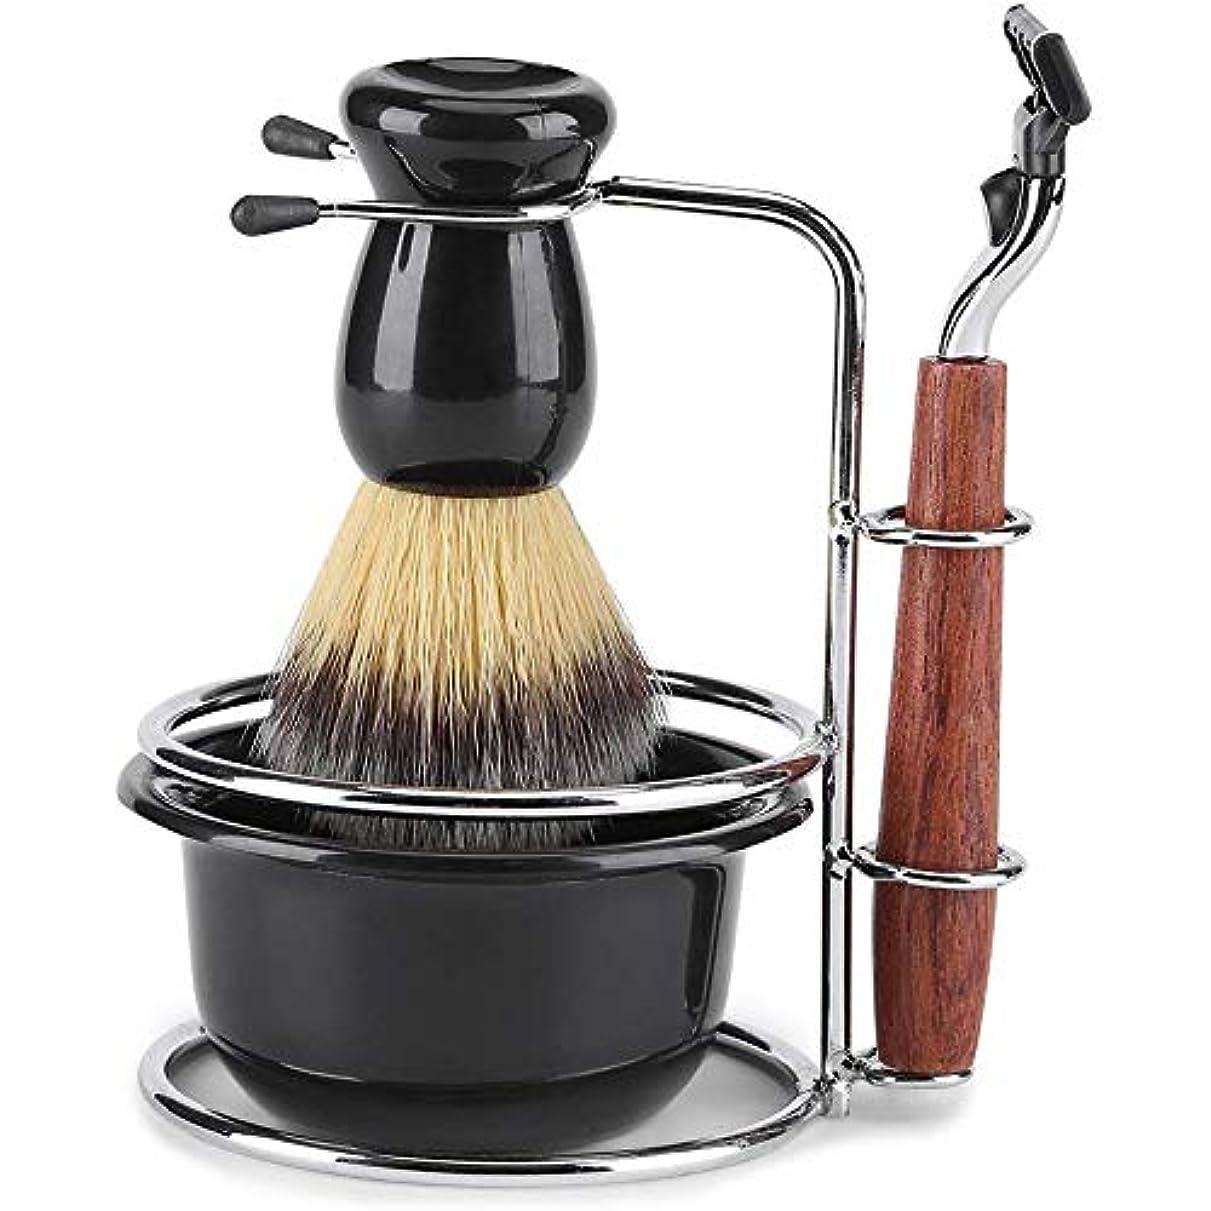 うなるショッピングセンター五4セットシェービングブラシセットプラシスタンド 石鹸ボウル父の日プレゼント ひげブラシ シェービングブラシ 洗顔 髭剃り